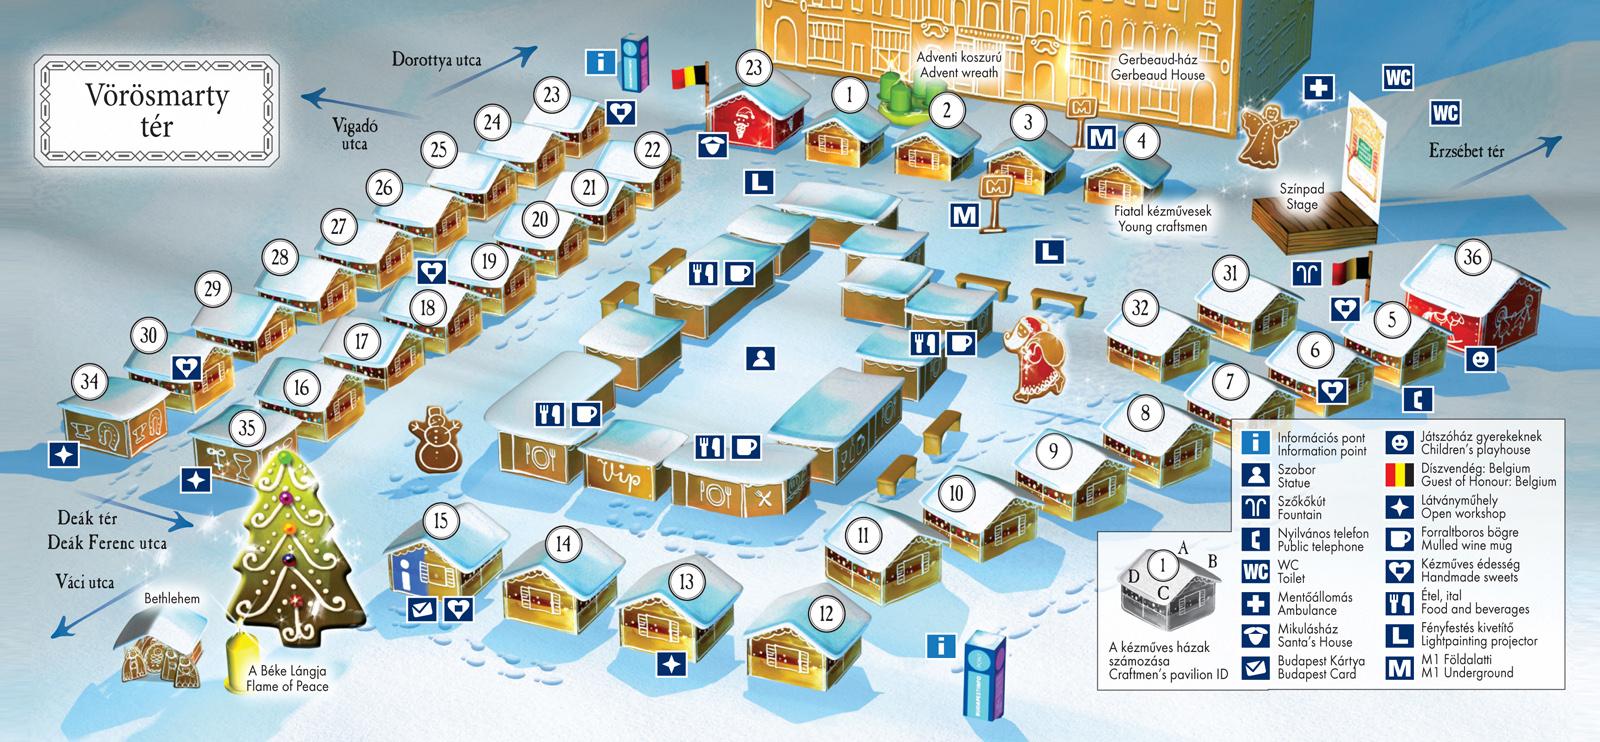 budapest térkép vörösmarty tér Budapesti Karácsonyi Vásár 2012, Budapest   Programok, Helyszín  budapest térkép vörösmarty tér